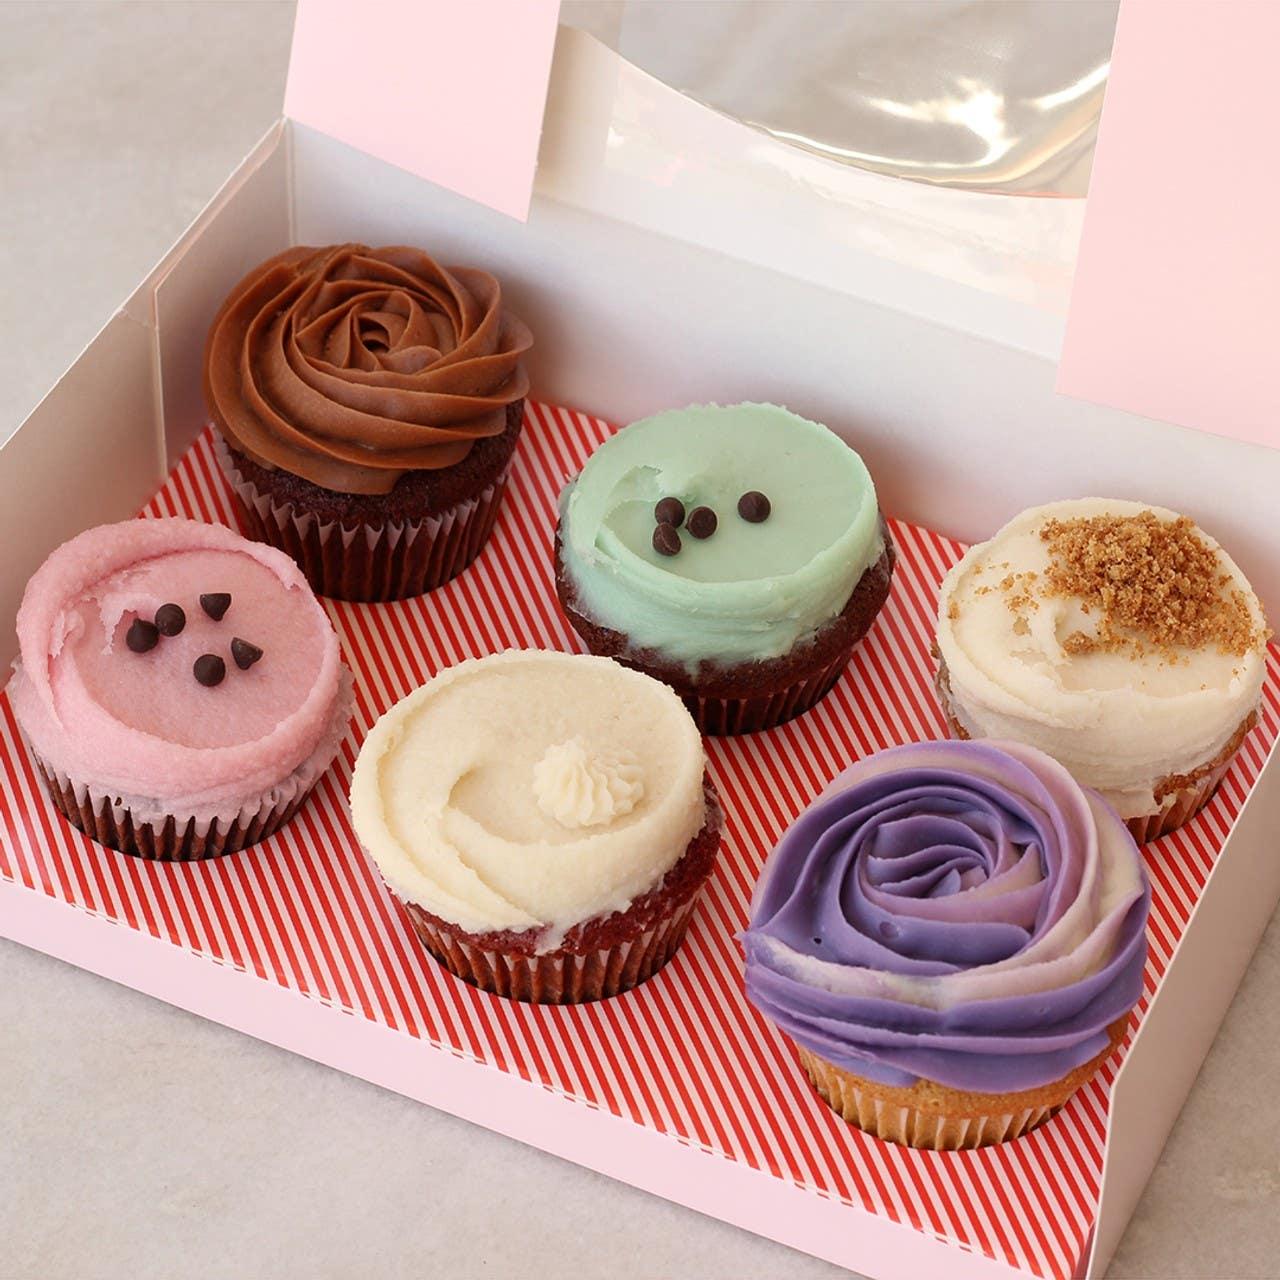 Vegan cupcakes from Erin McKenna's Bakery in Larchmont Village